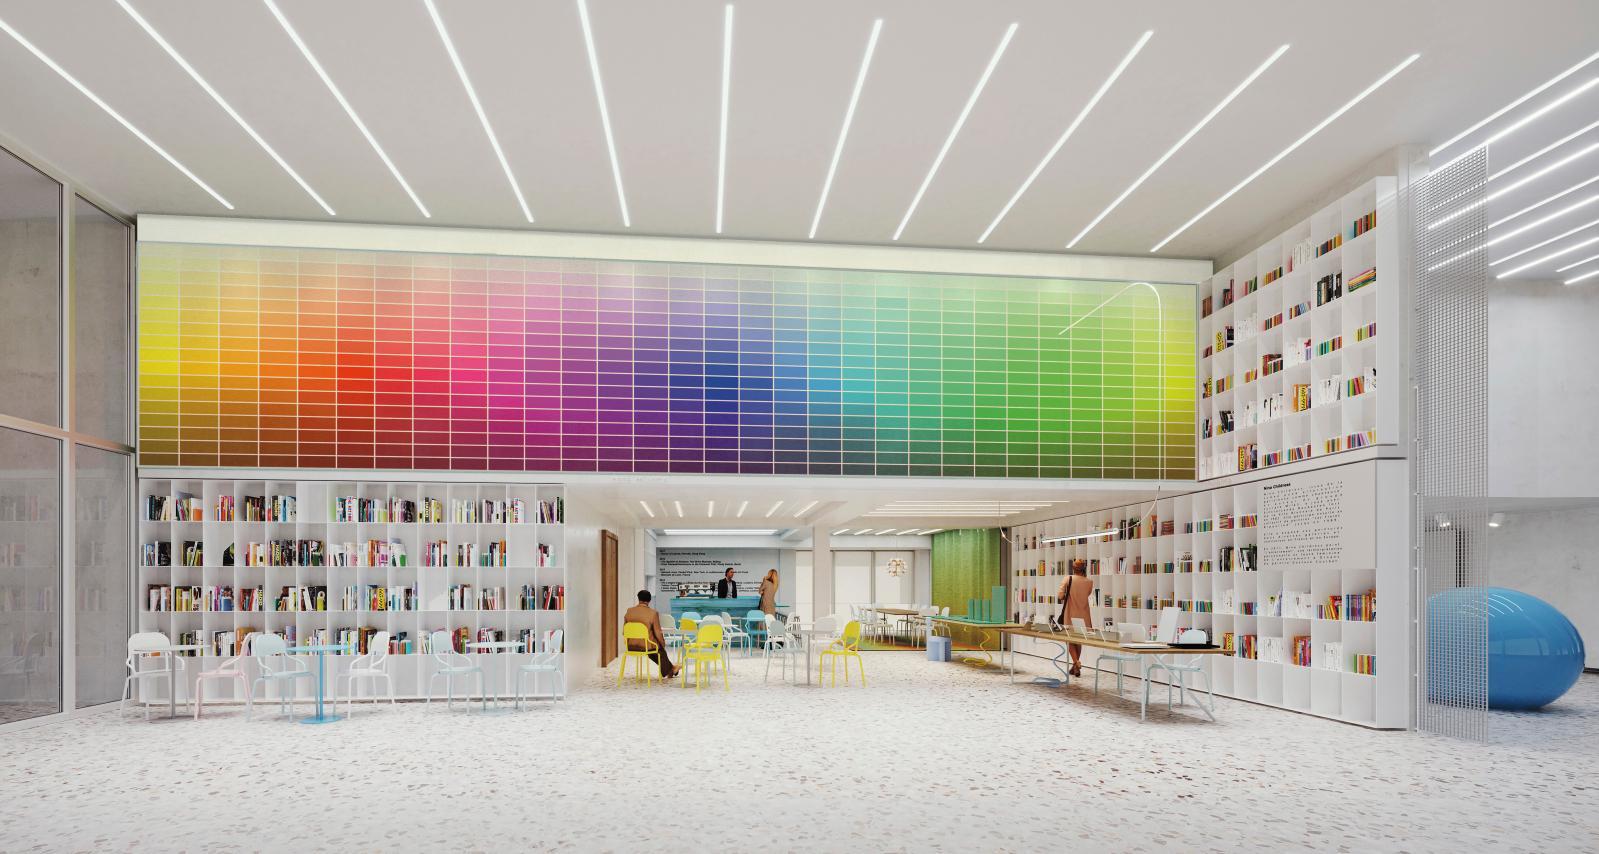 La bibliothèque de la fondation, image de synthèse. Nem - Niney et Marca Architectes. Image Michael Kaplan